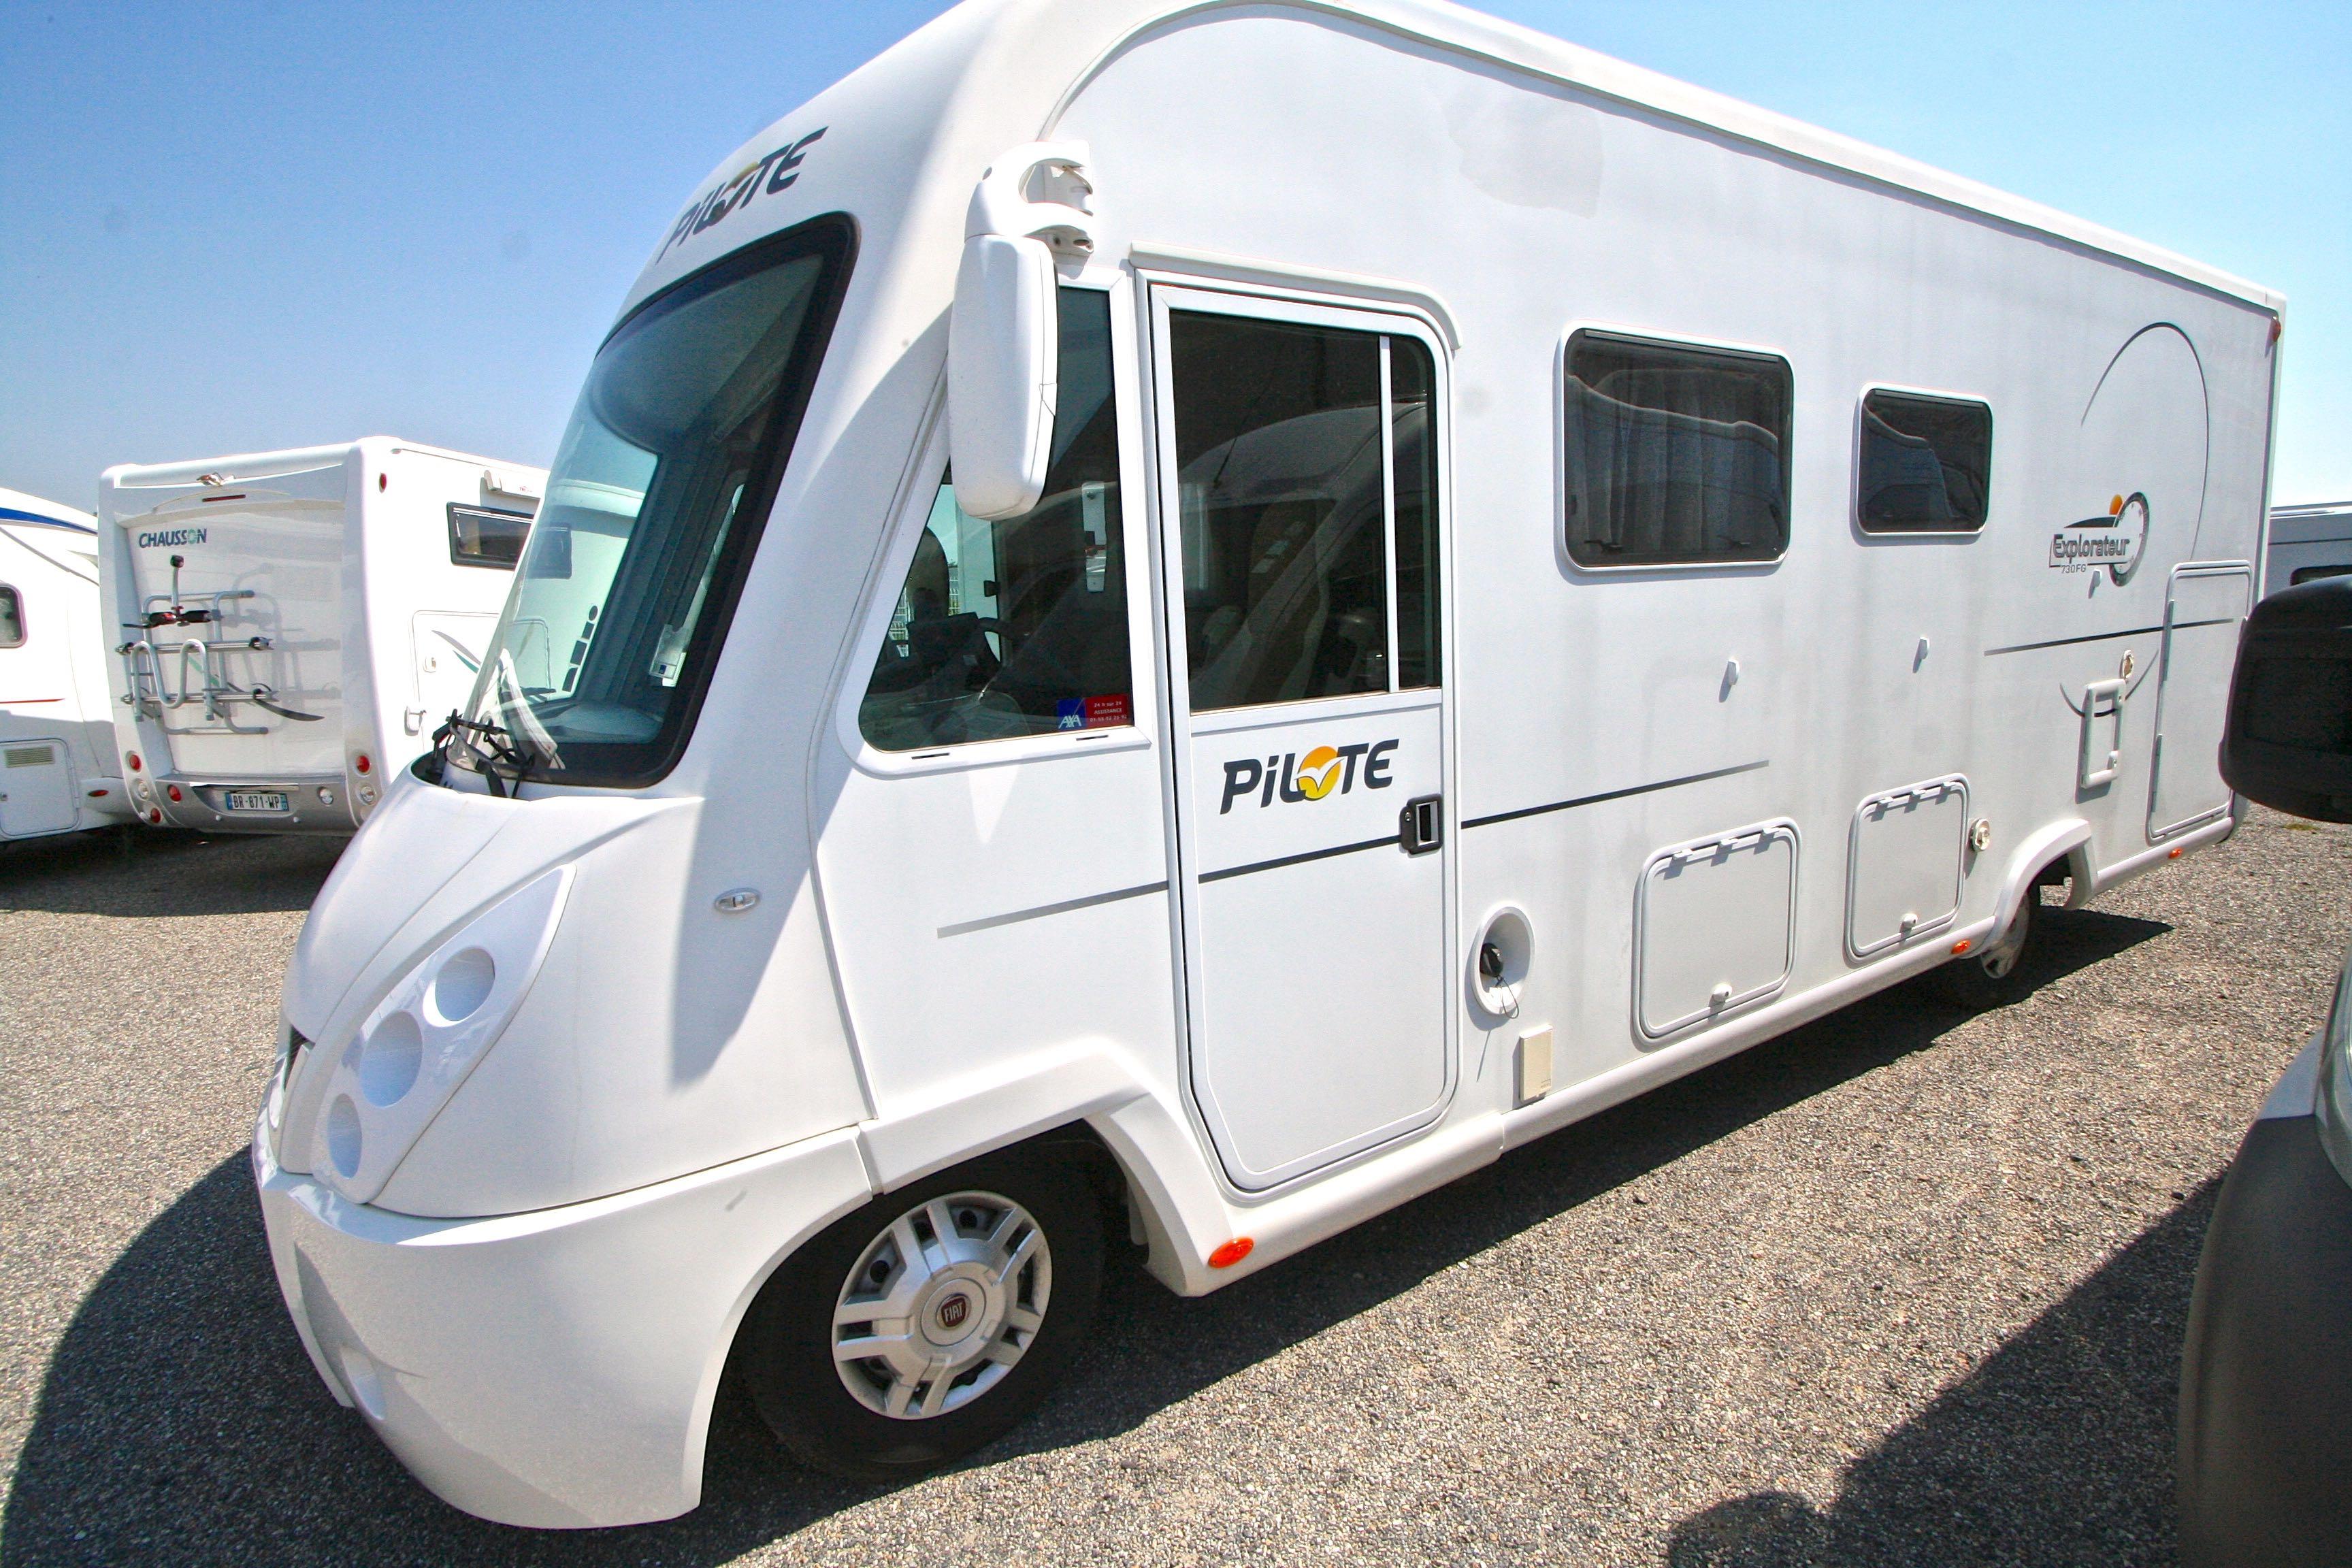 pilote explorateur g 730 occasion fiat camping car en vente roques sur garonne haute. Black Bedroom Furniture Sets. Home Design Ideas